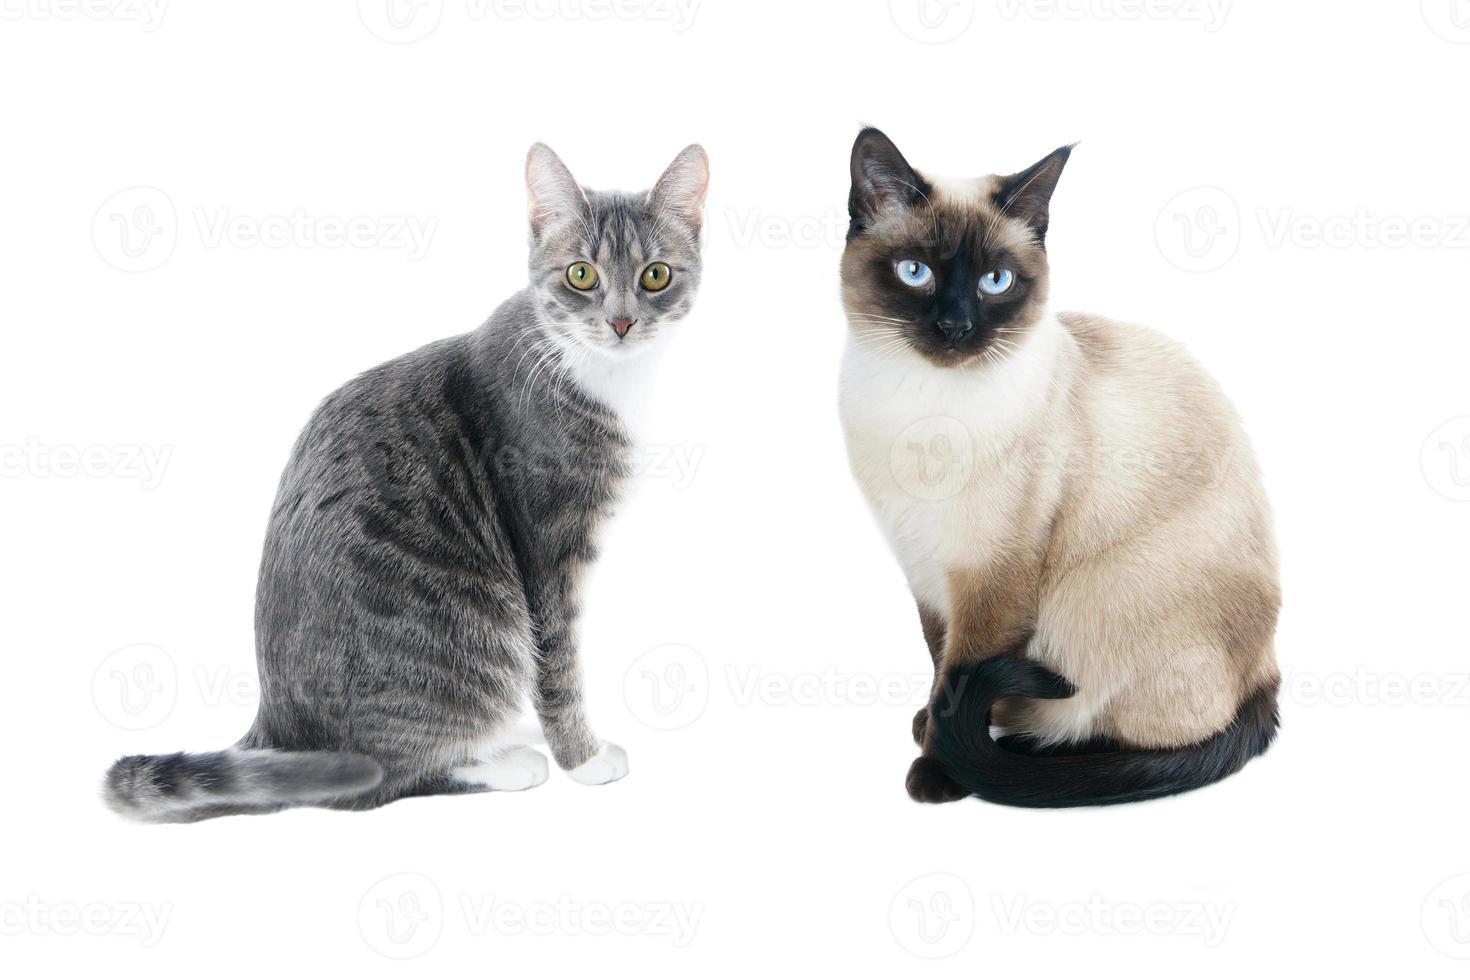 deux chats photo